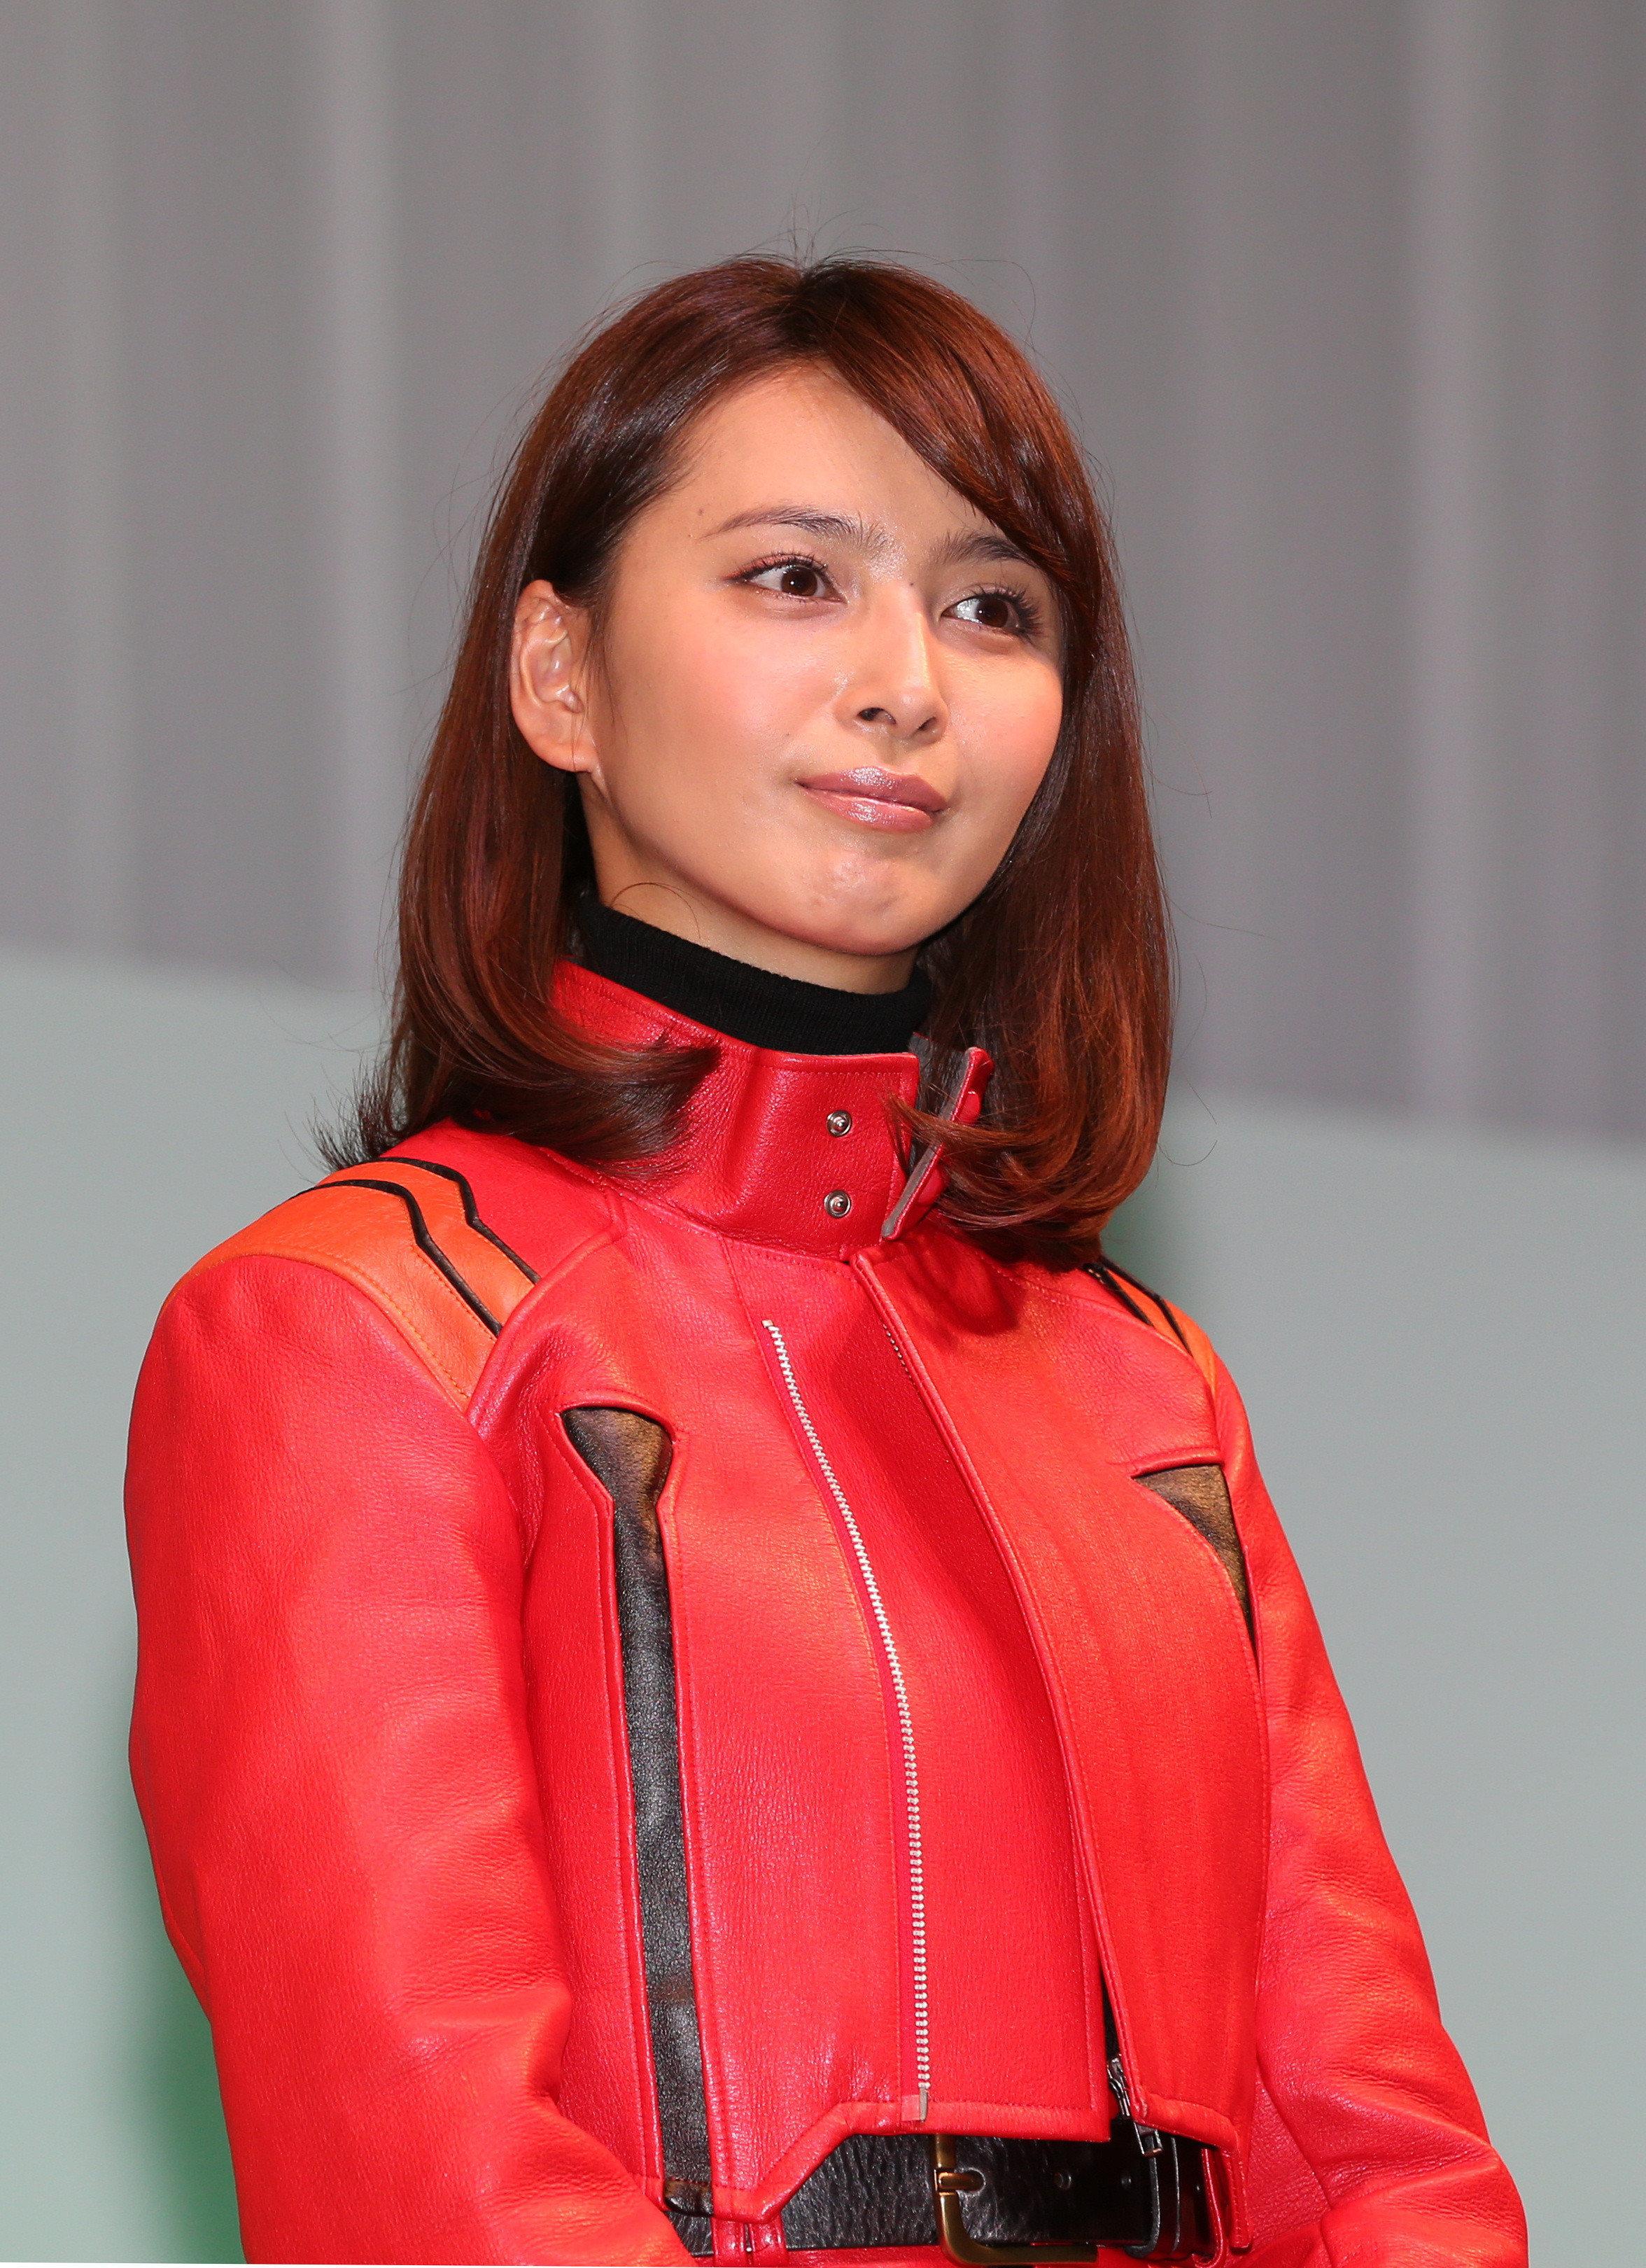 加藤夏希さんが第2子男子を出産、「のびのびと育てていきたい」